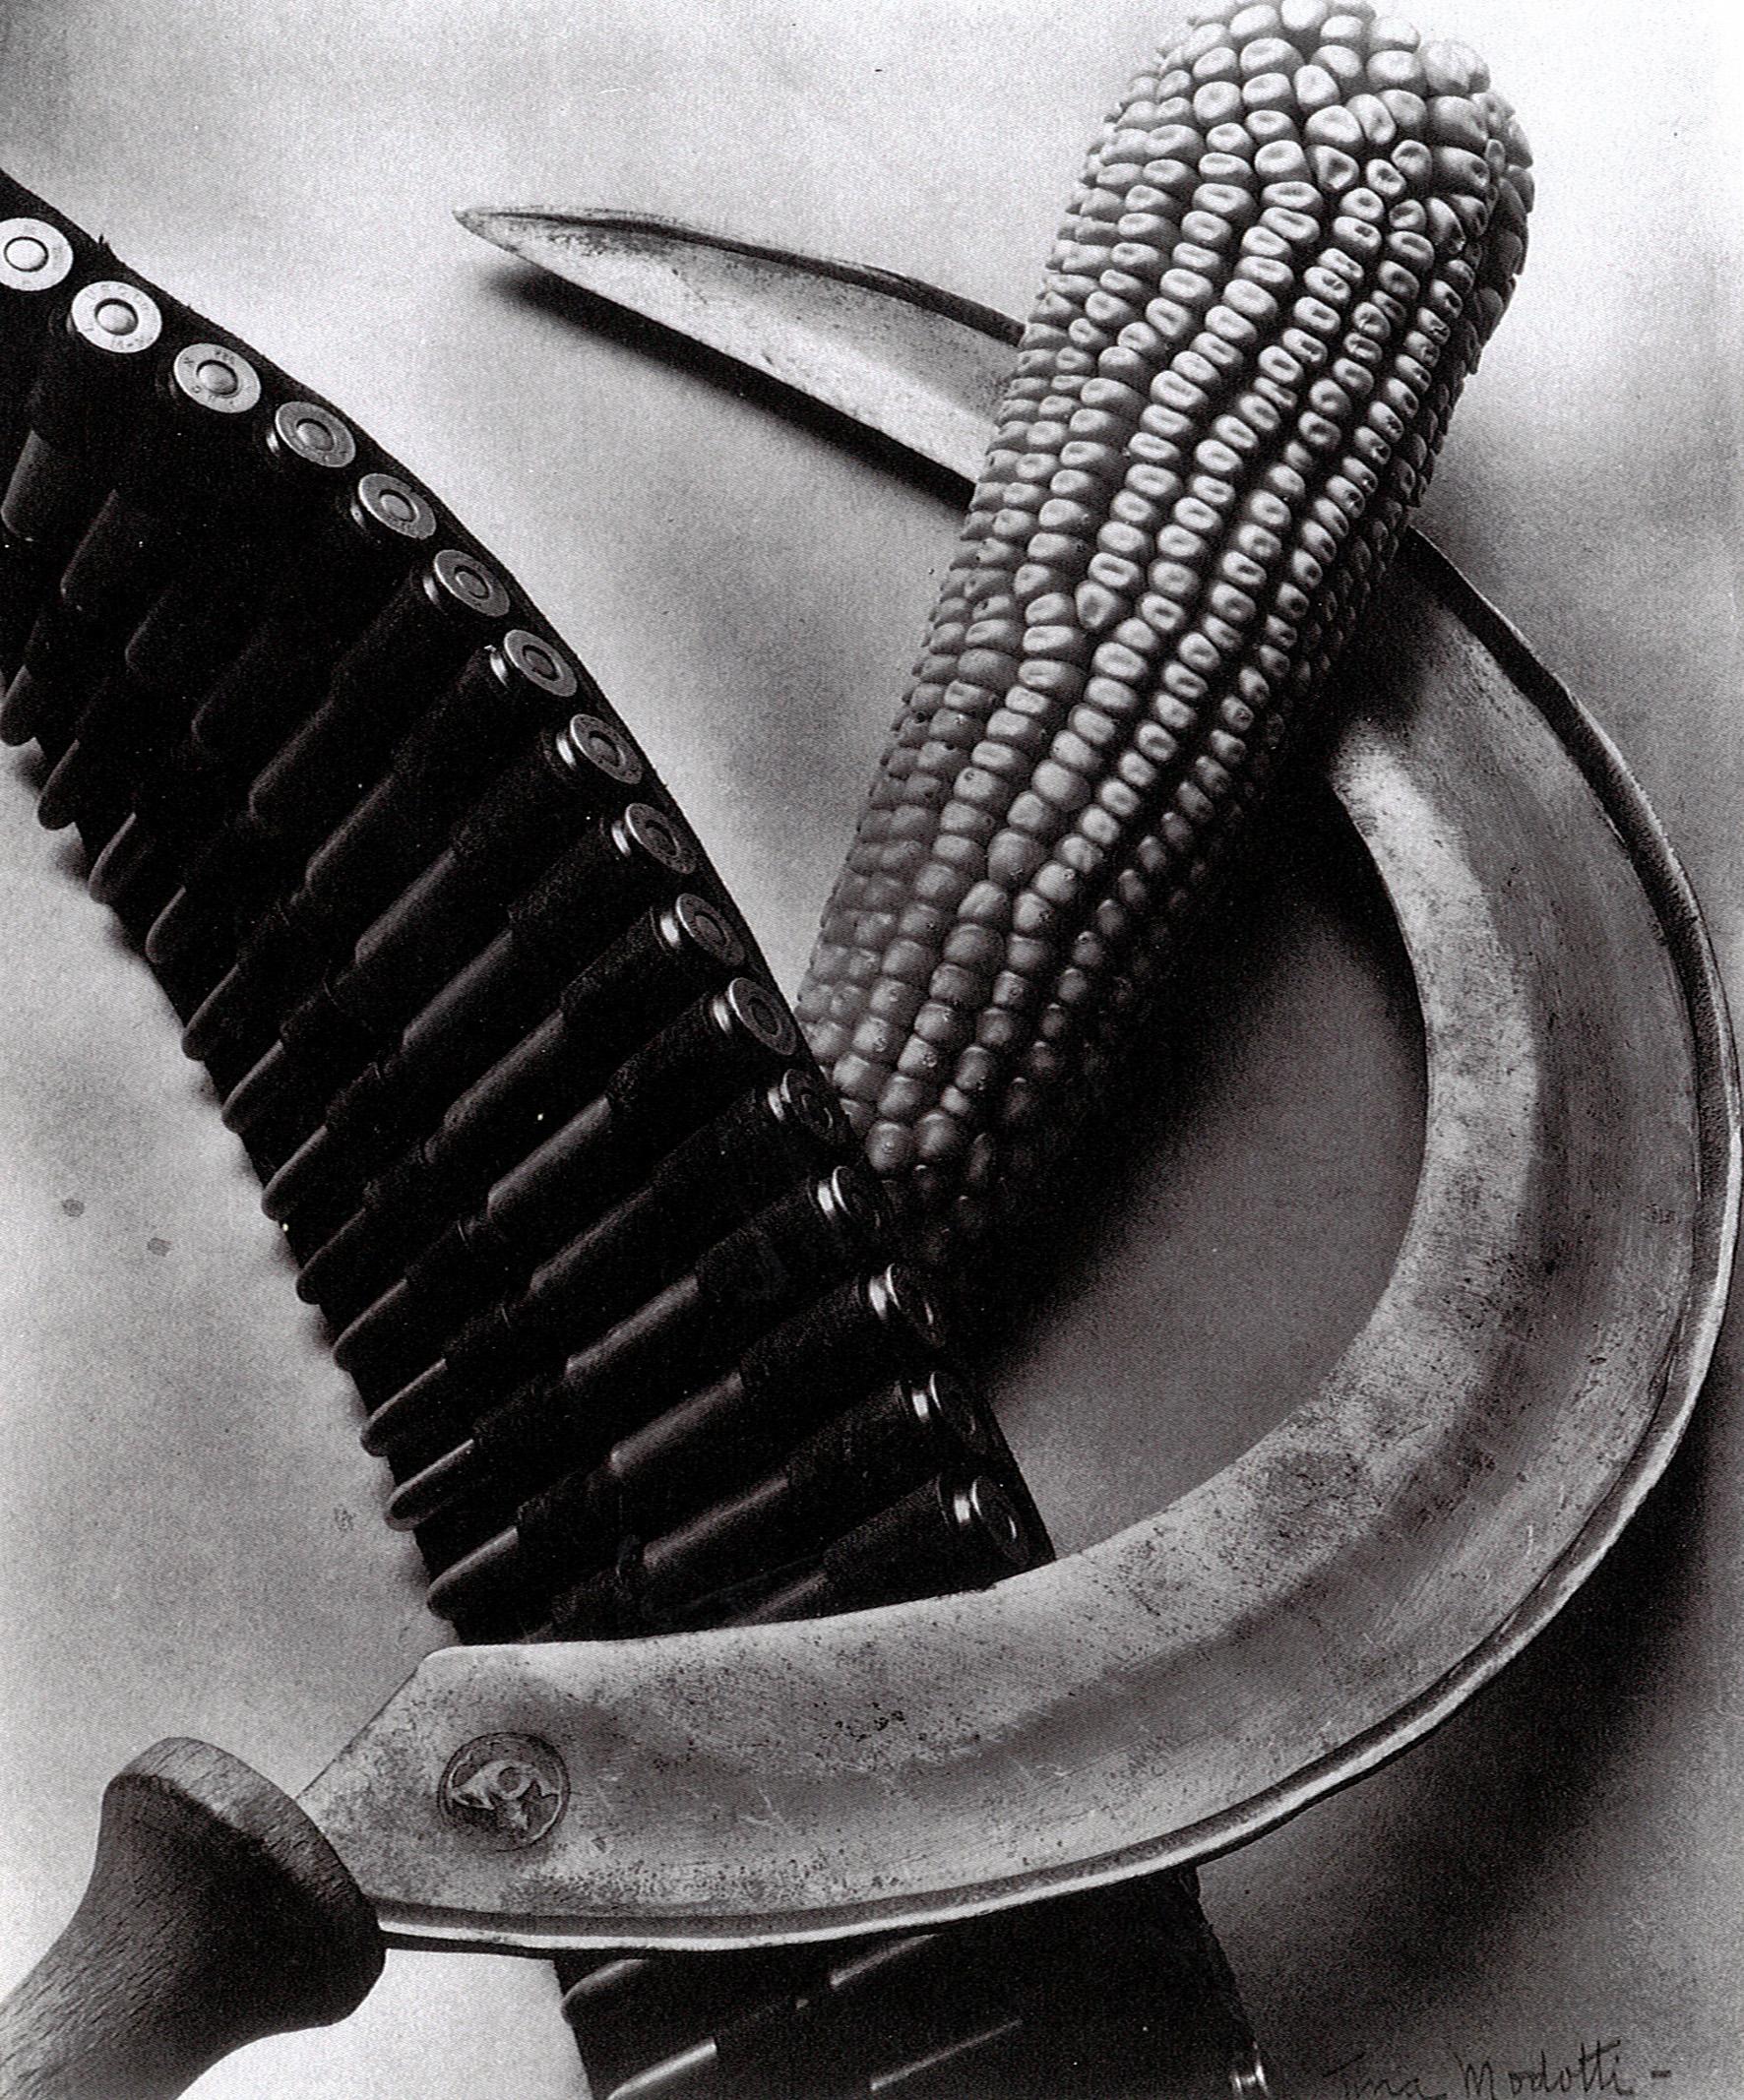 Tina Modotti,Bandolier, Corn, Sickle, 1927